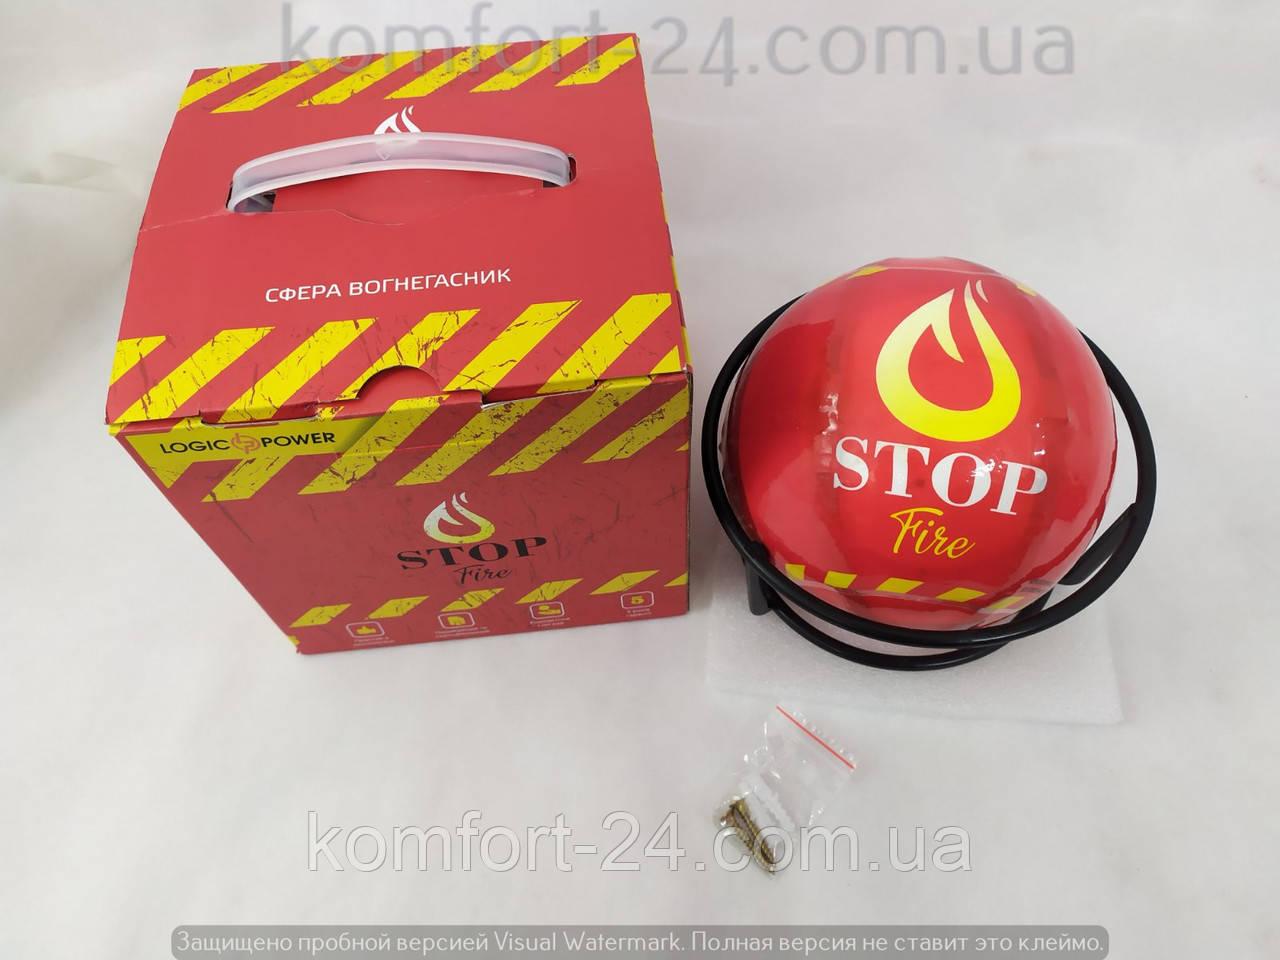 Автономная сфера пожарутушения  LogicPower Fire Stop S3.0M